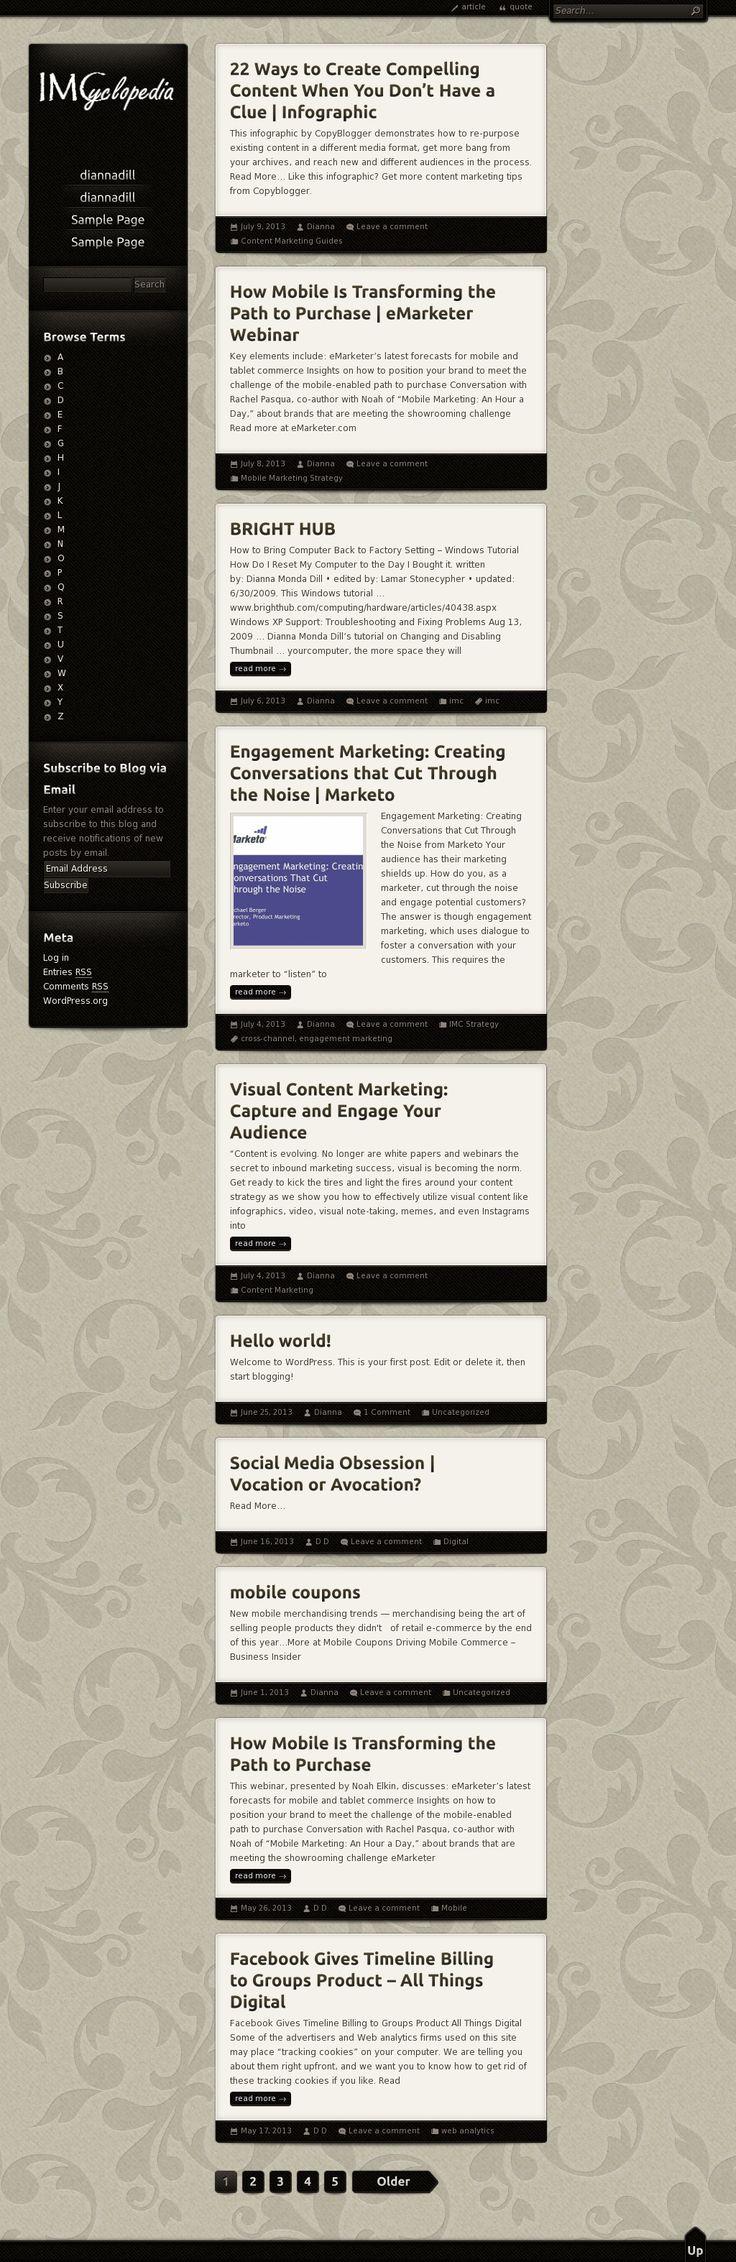 mobile marketing, mcommerce, mobile marketer >> mobile marketing --> http://imcyclopedia.com